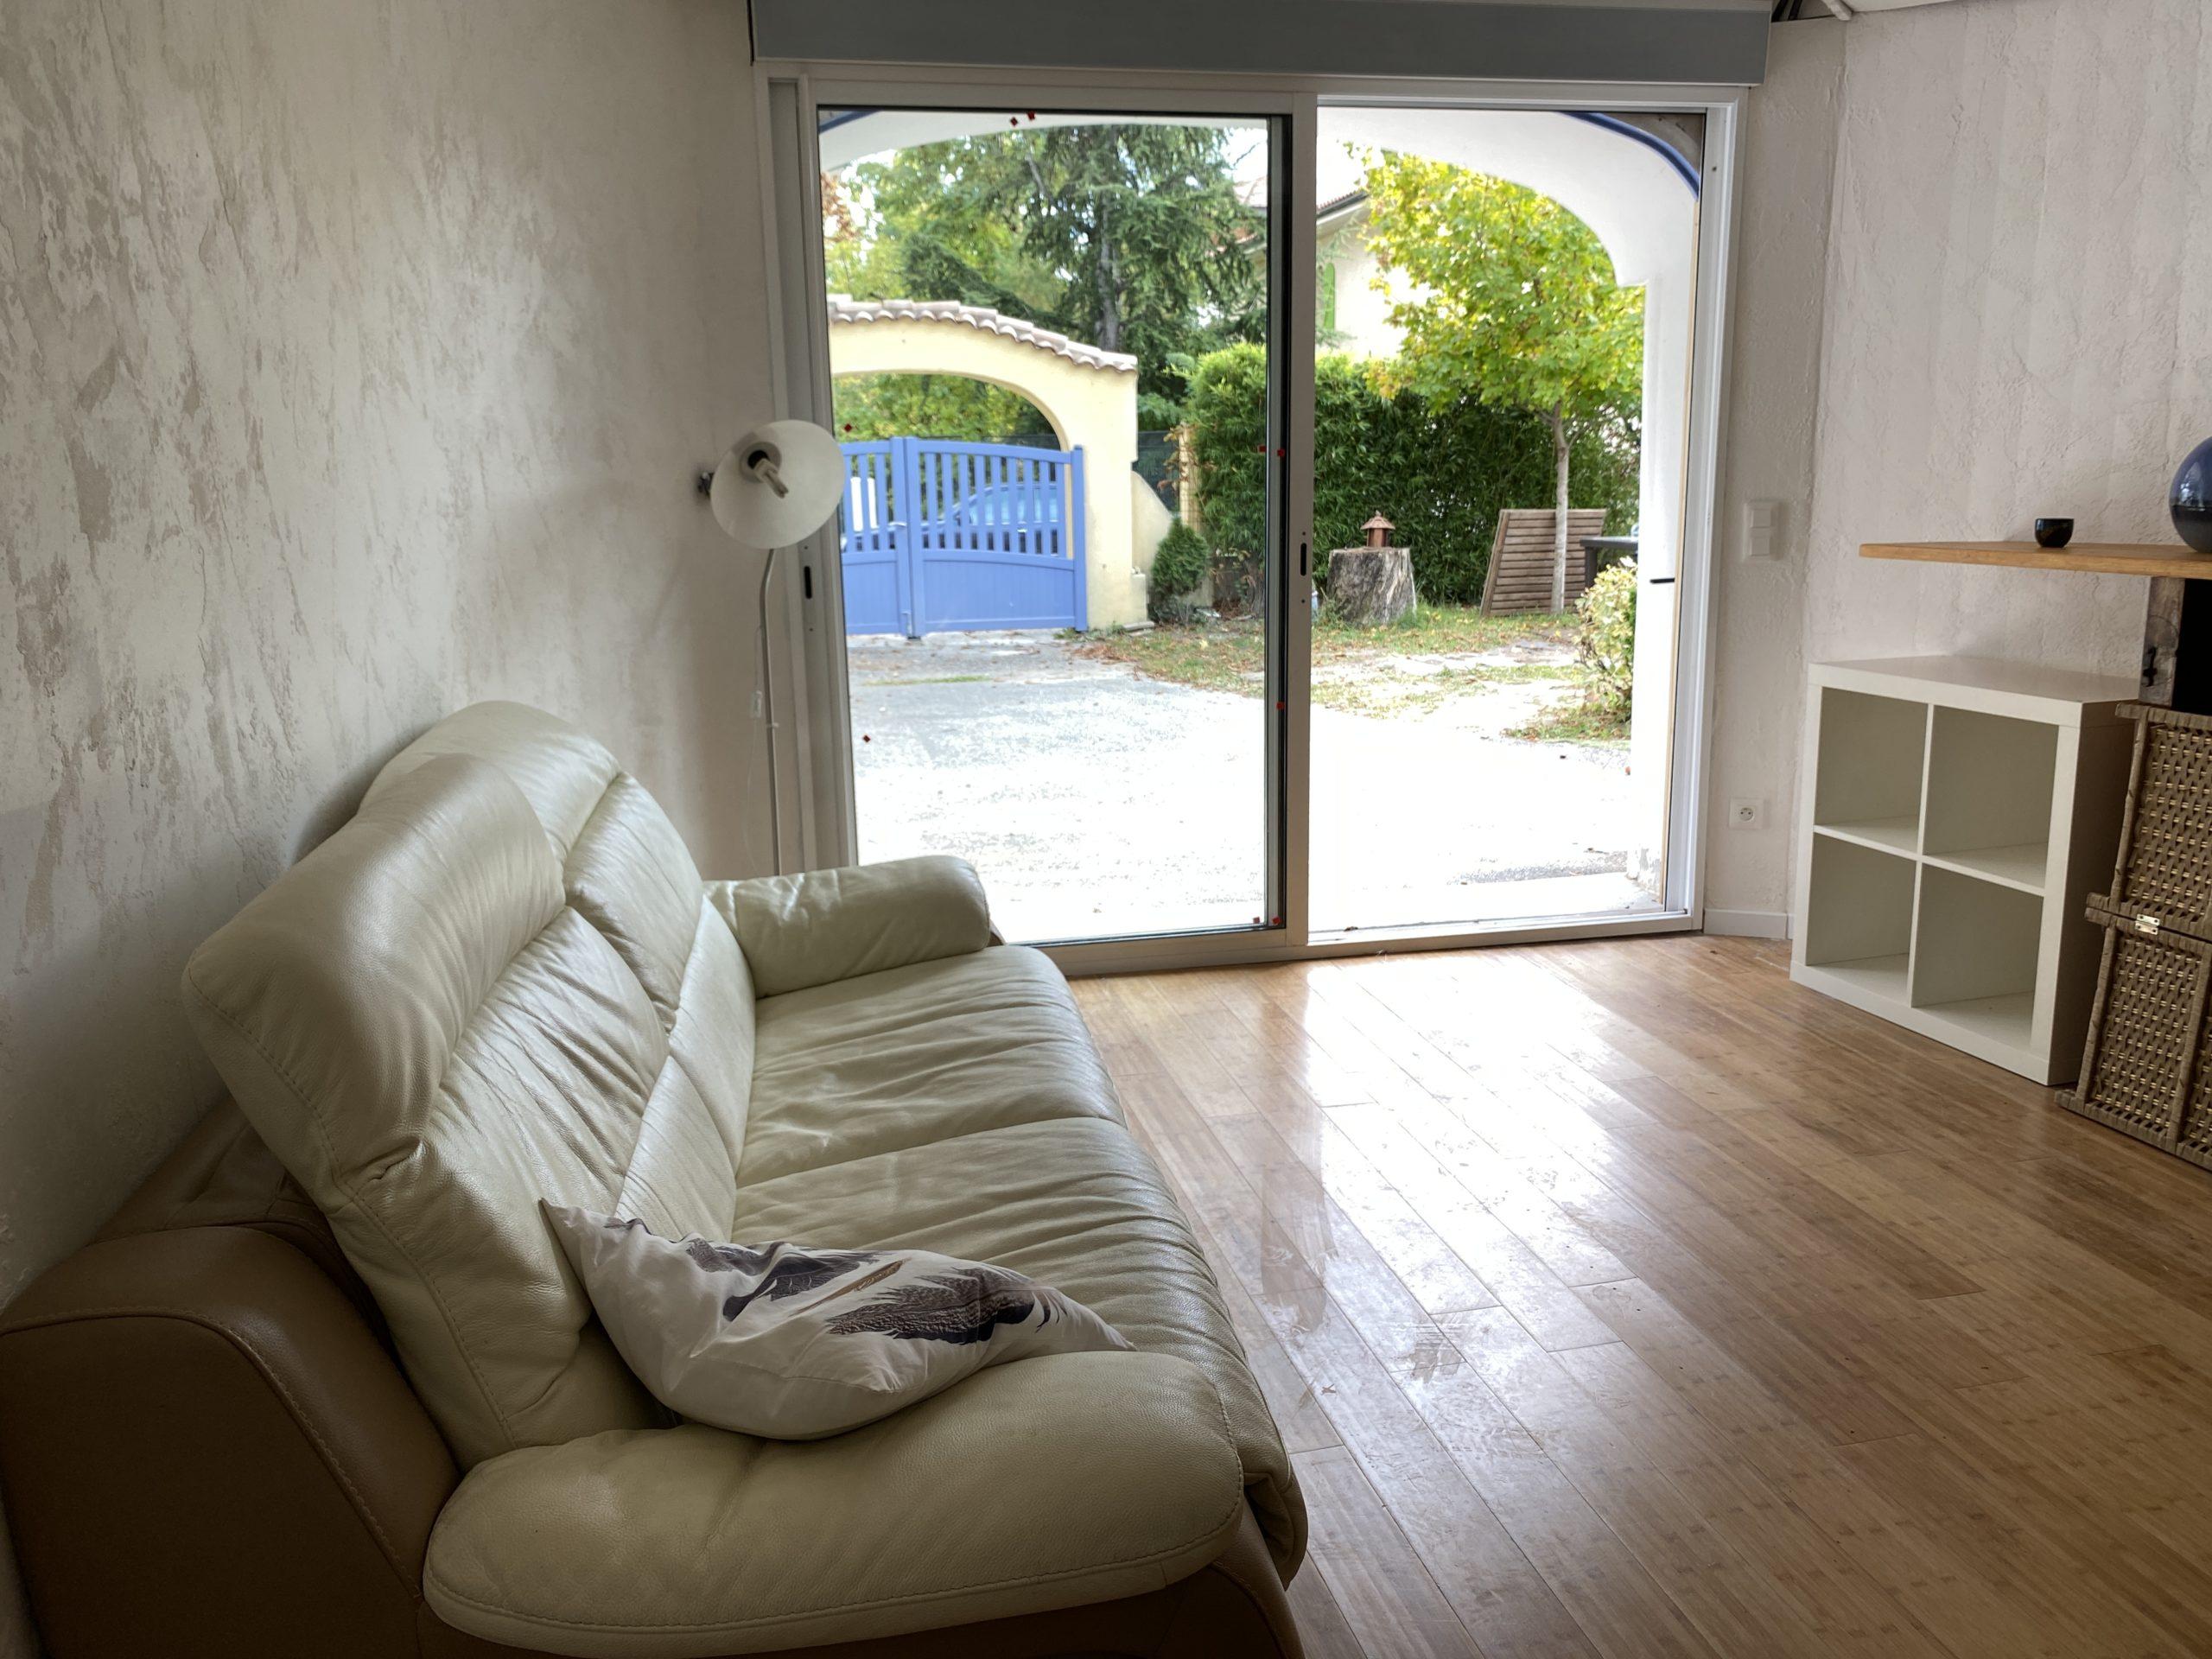 T2 35 m² en Rez-de-chaussée ACCESSIBILITE PERSONNES A MOBILITE REDUITE